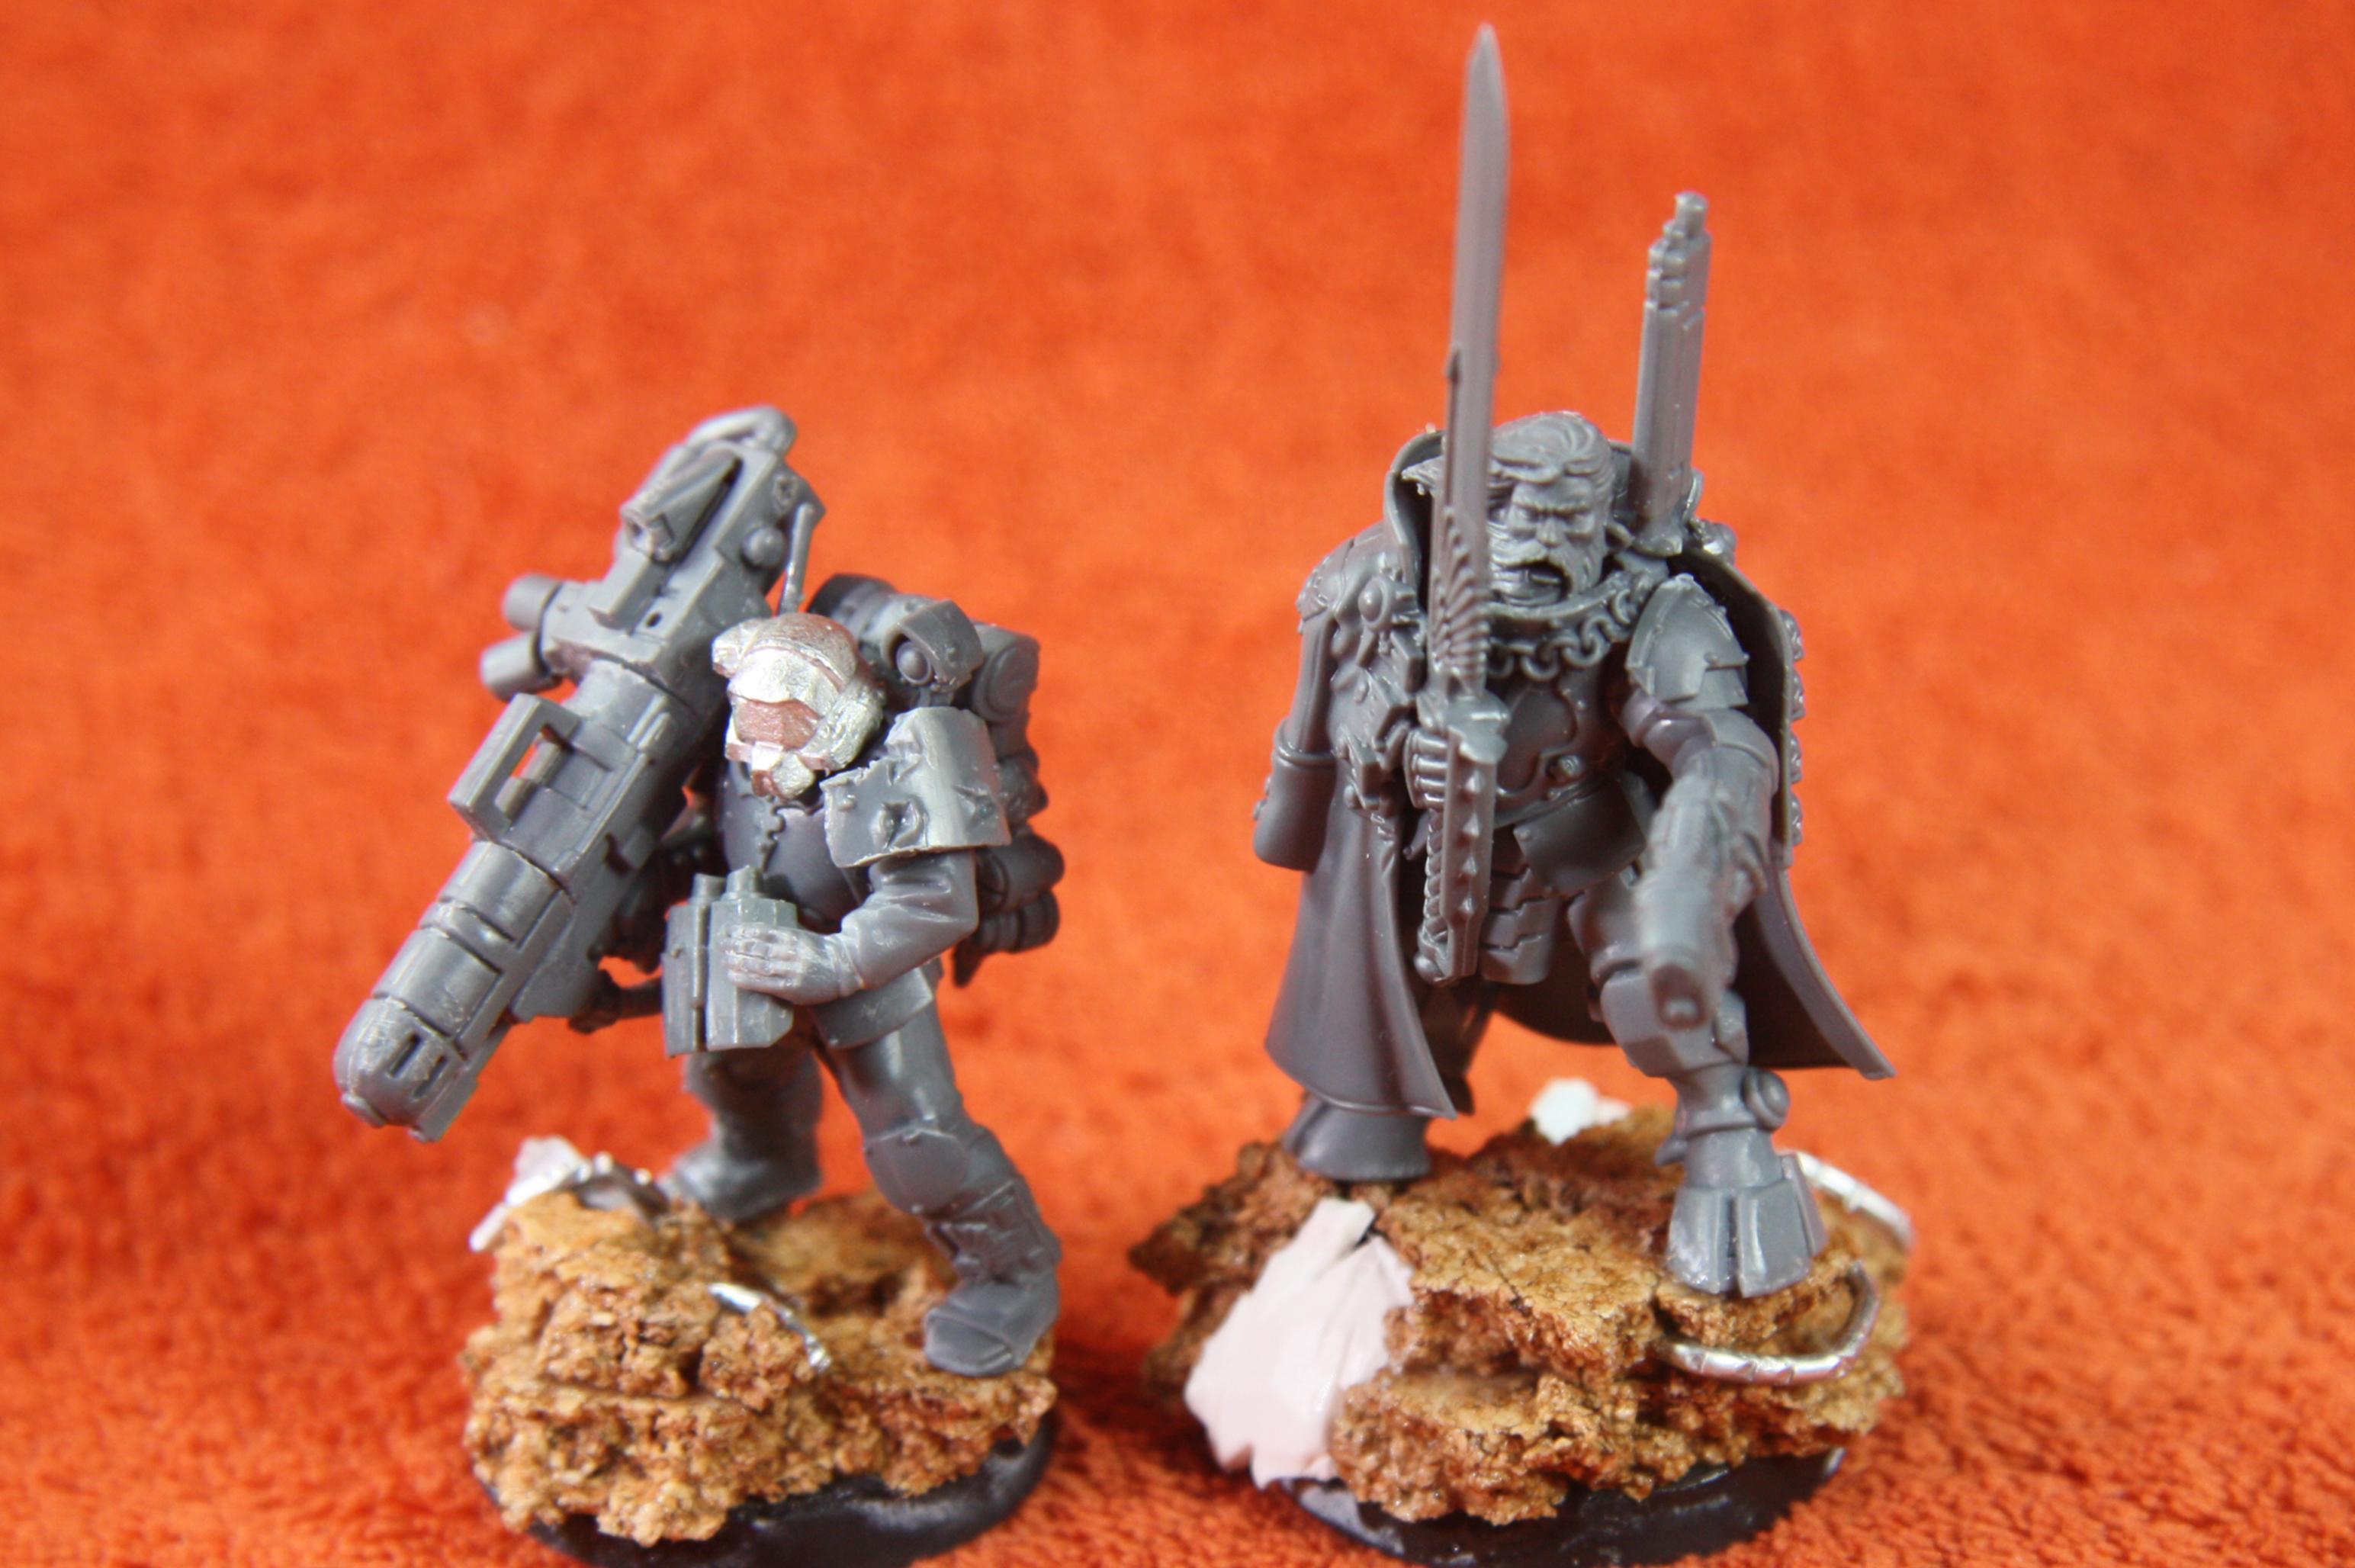 Imperial Guard, Scion, Tau